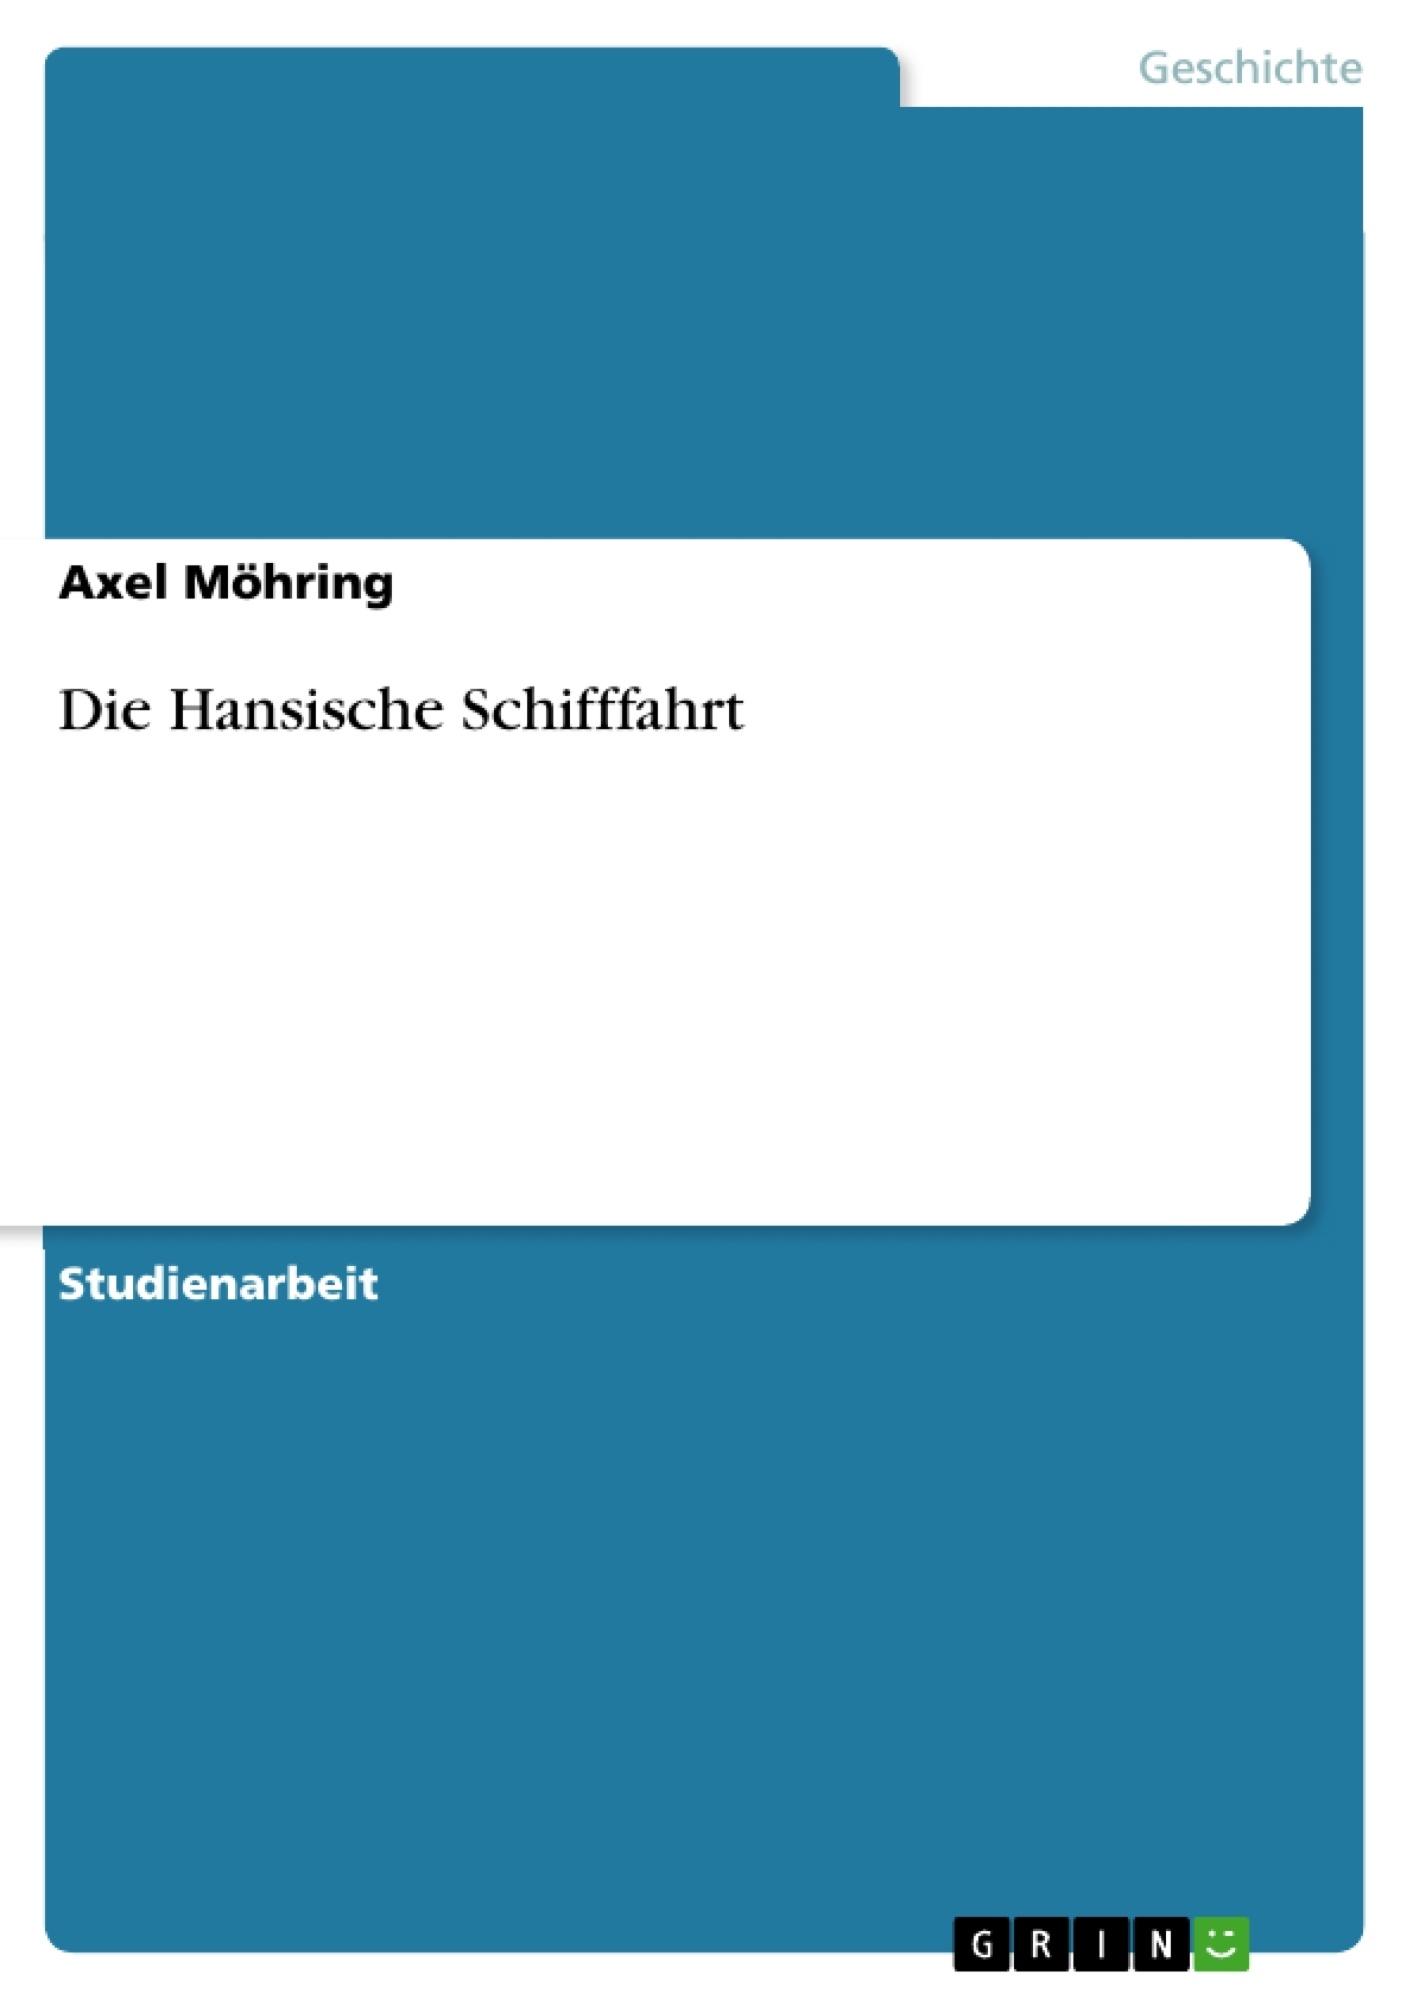 Titel: Die Hansische Schifffahrt